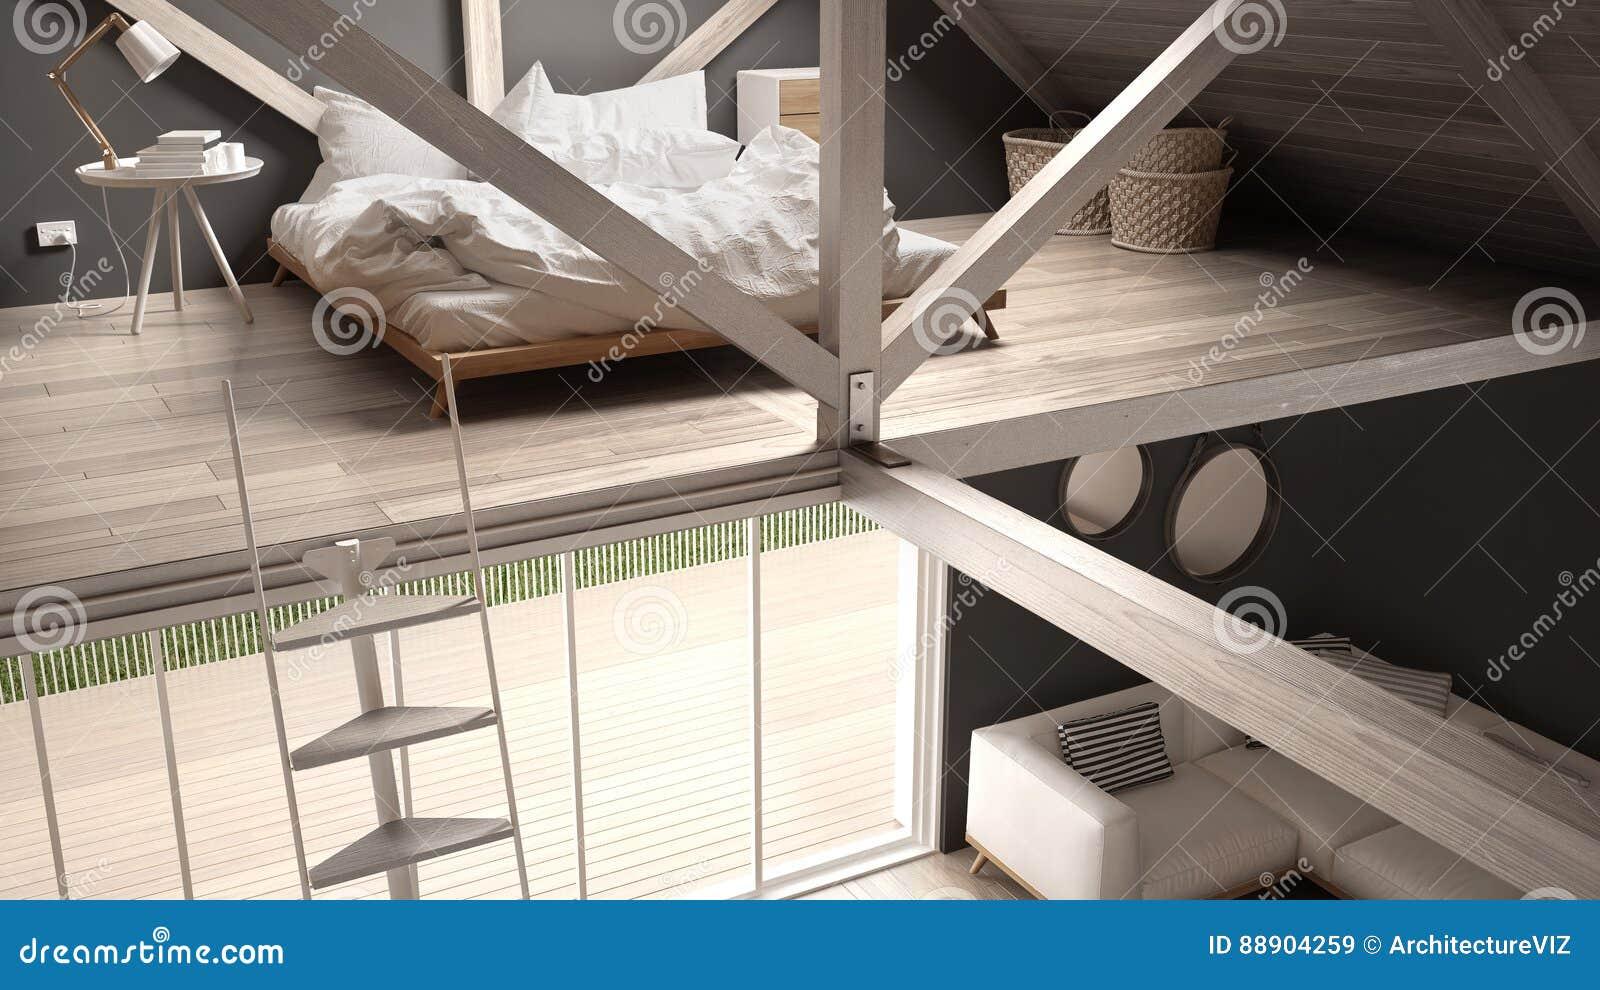 Mezzanine zolder slaapkamer treden en het leven met